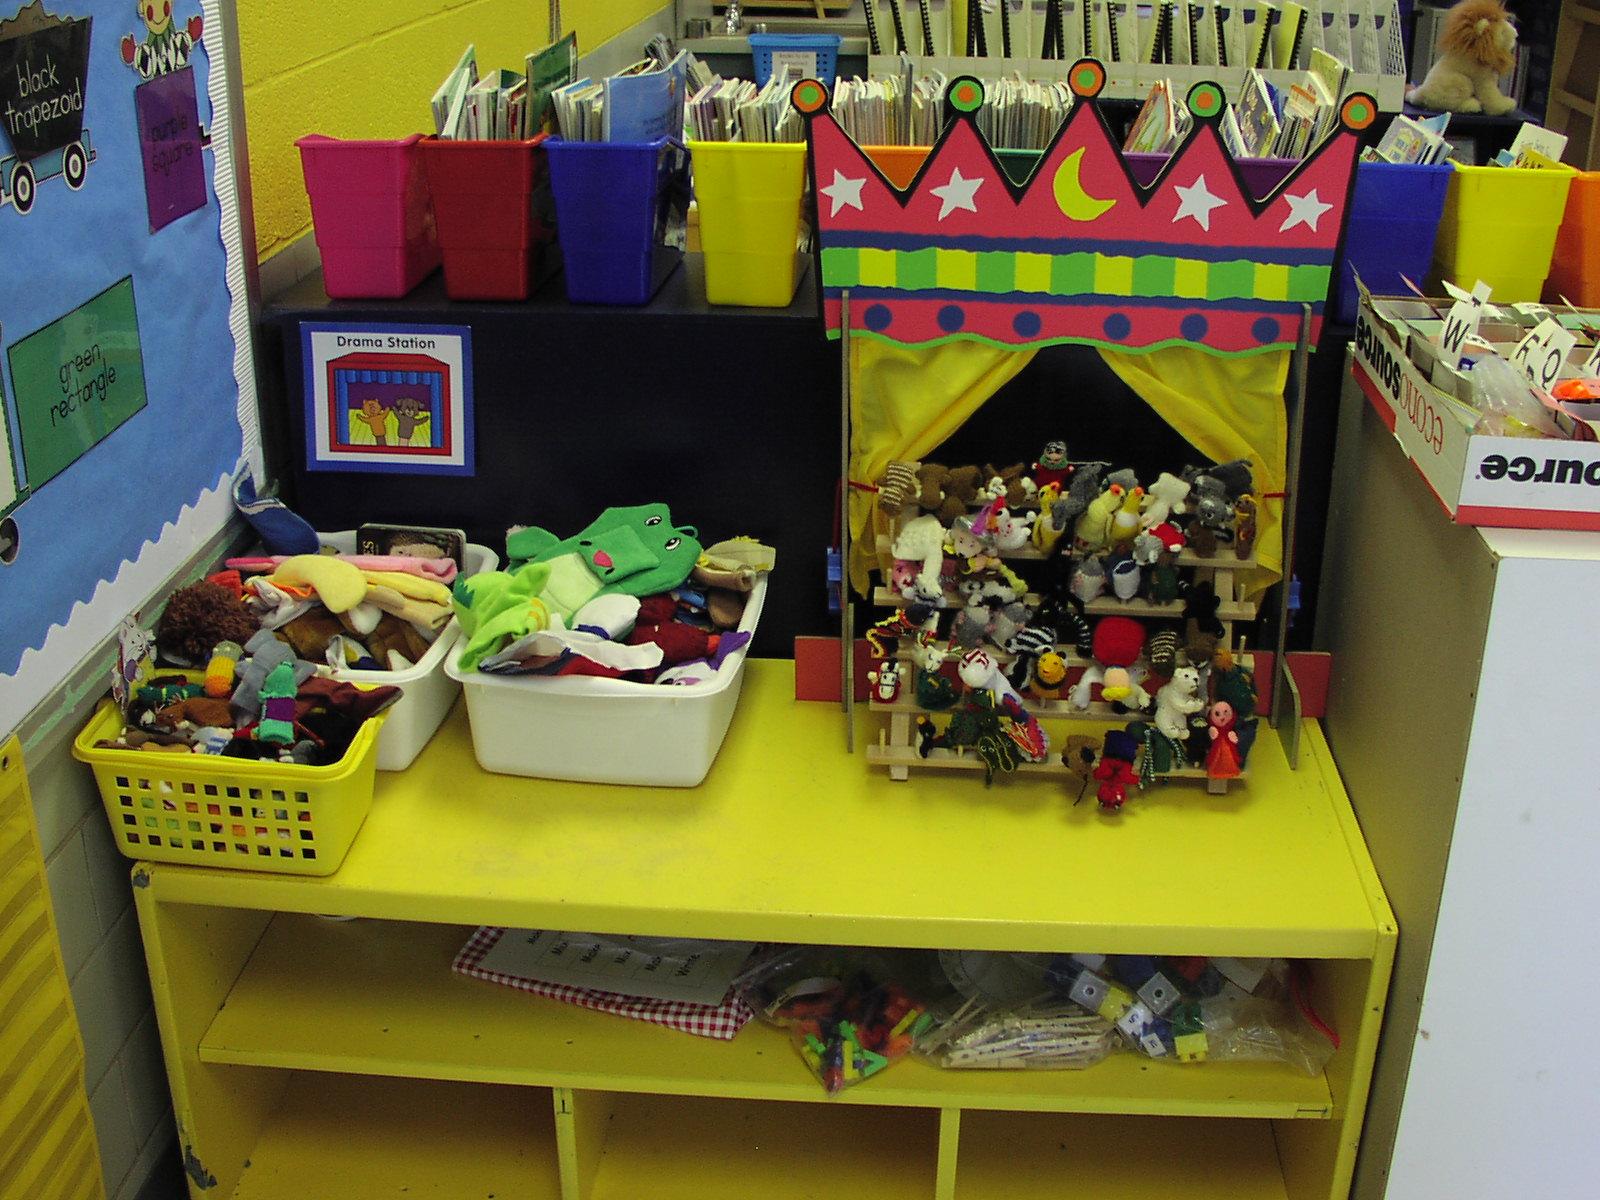 Kinder Garden: Keen On Kindergarten: Classroom Pics